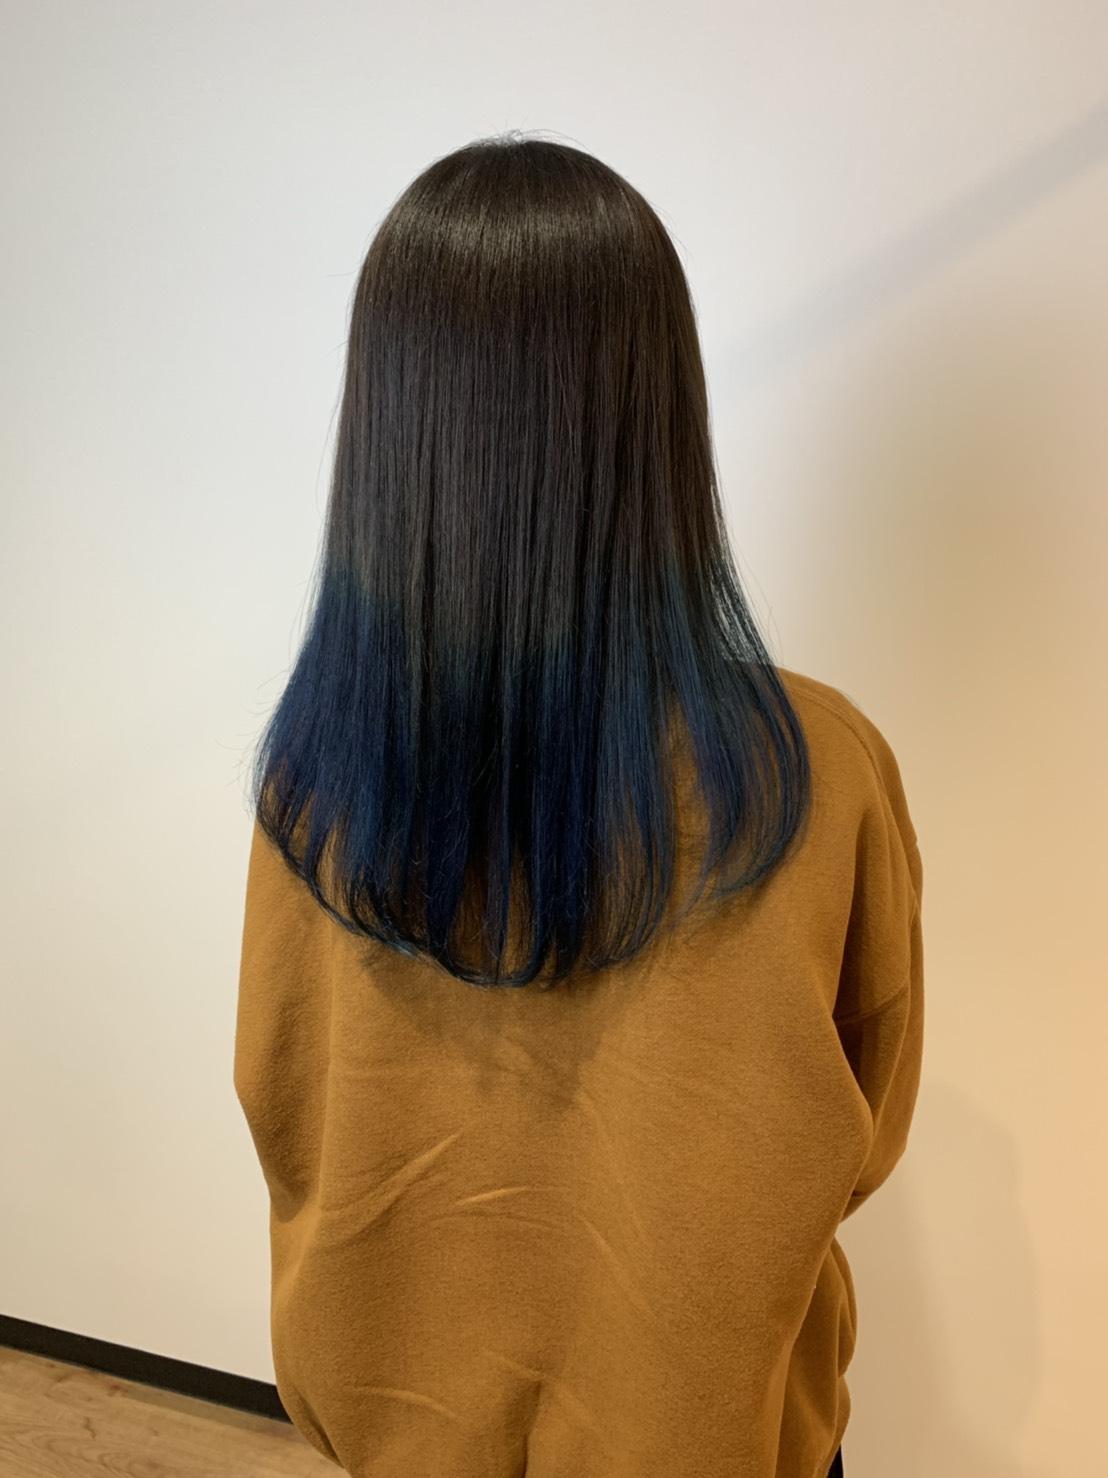 S  31023122 - Hair Gallery